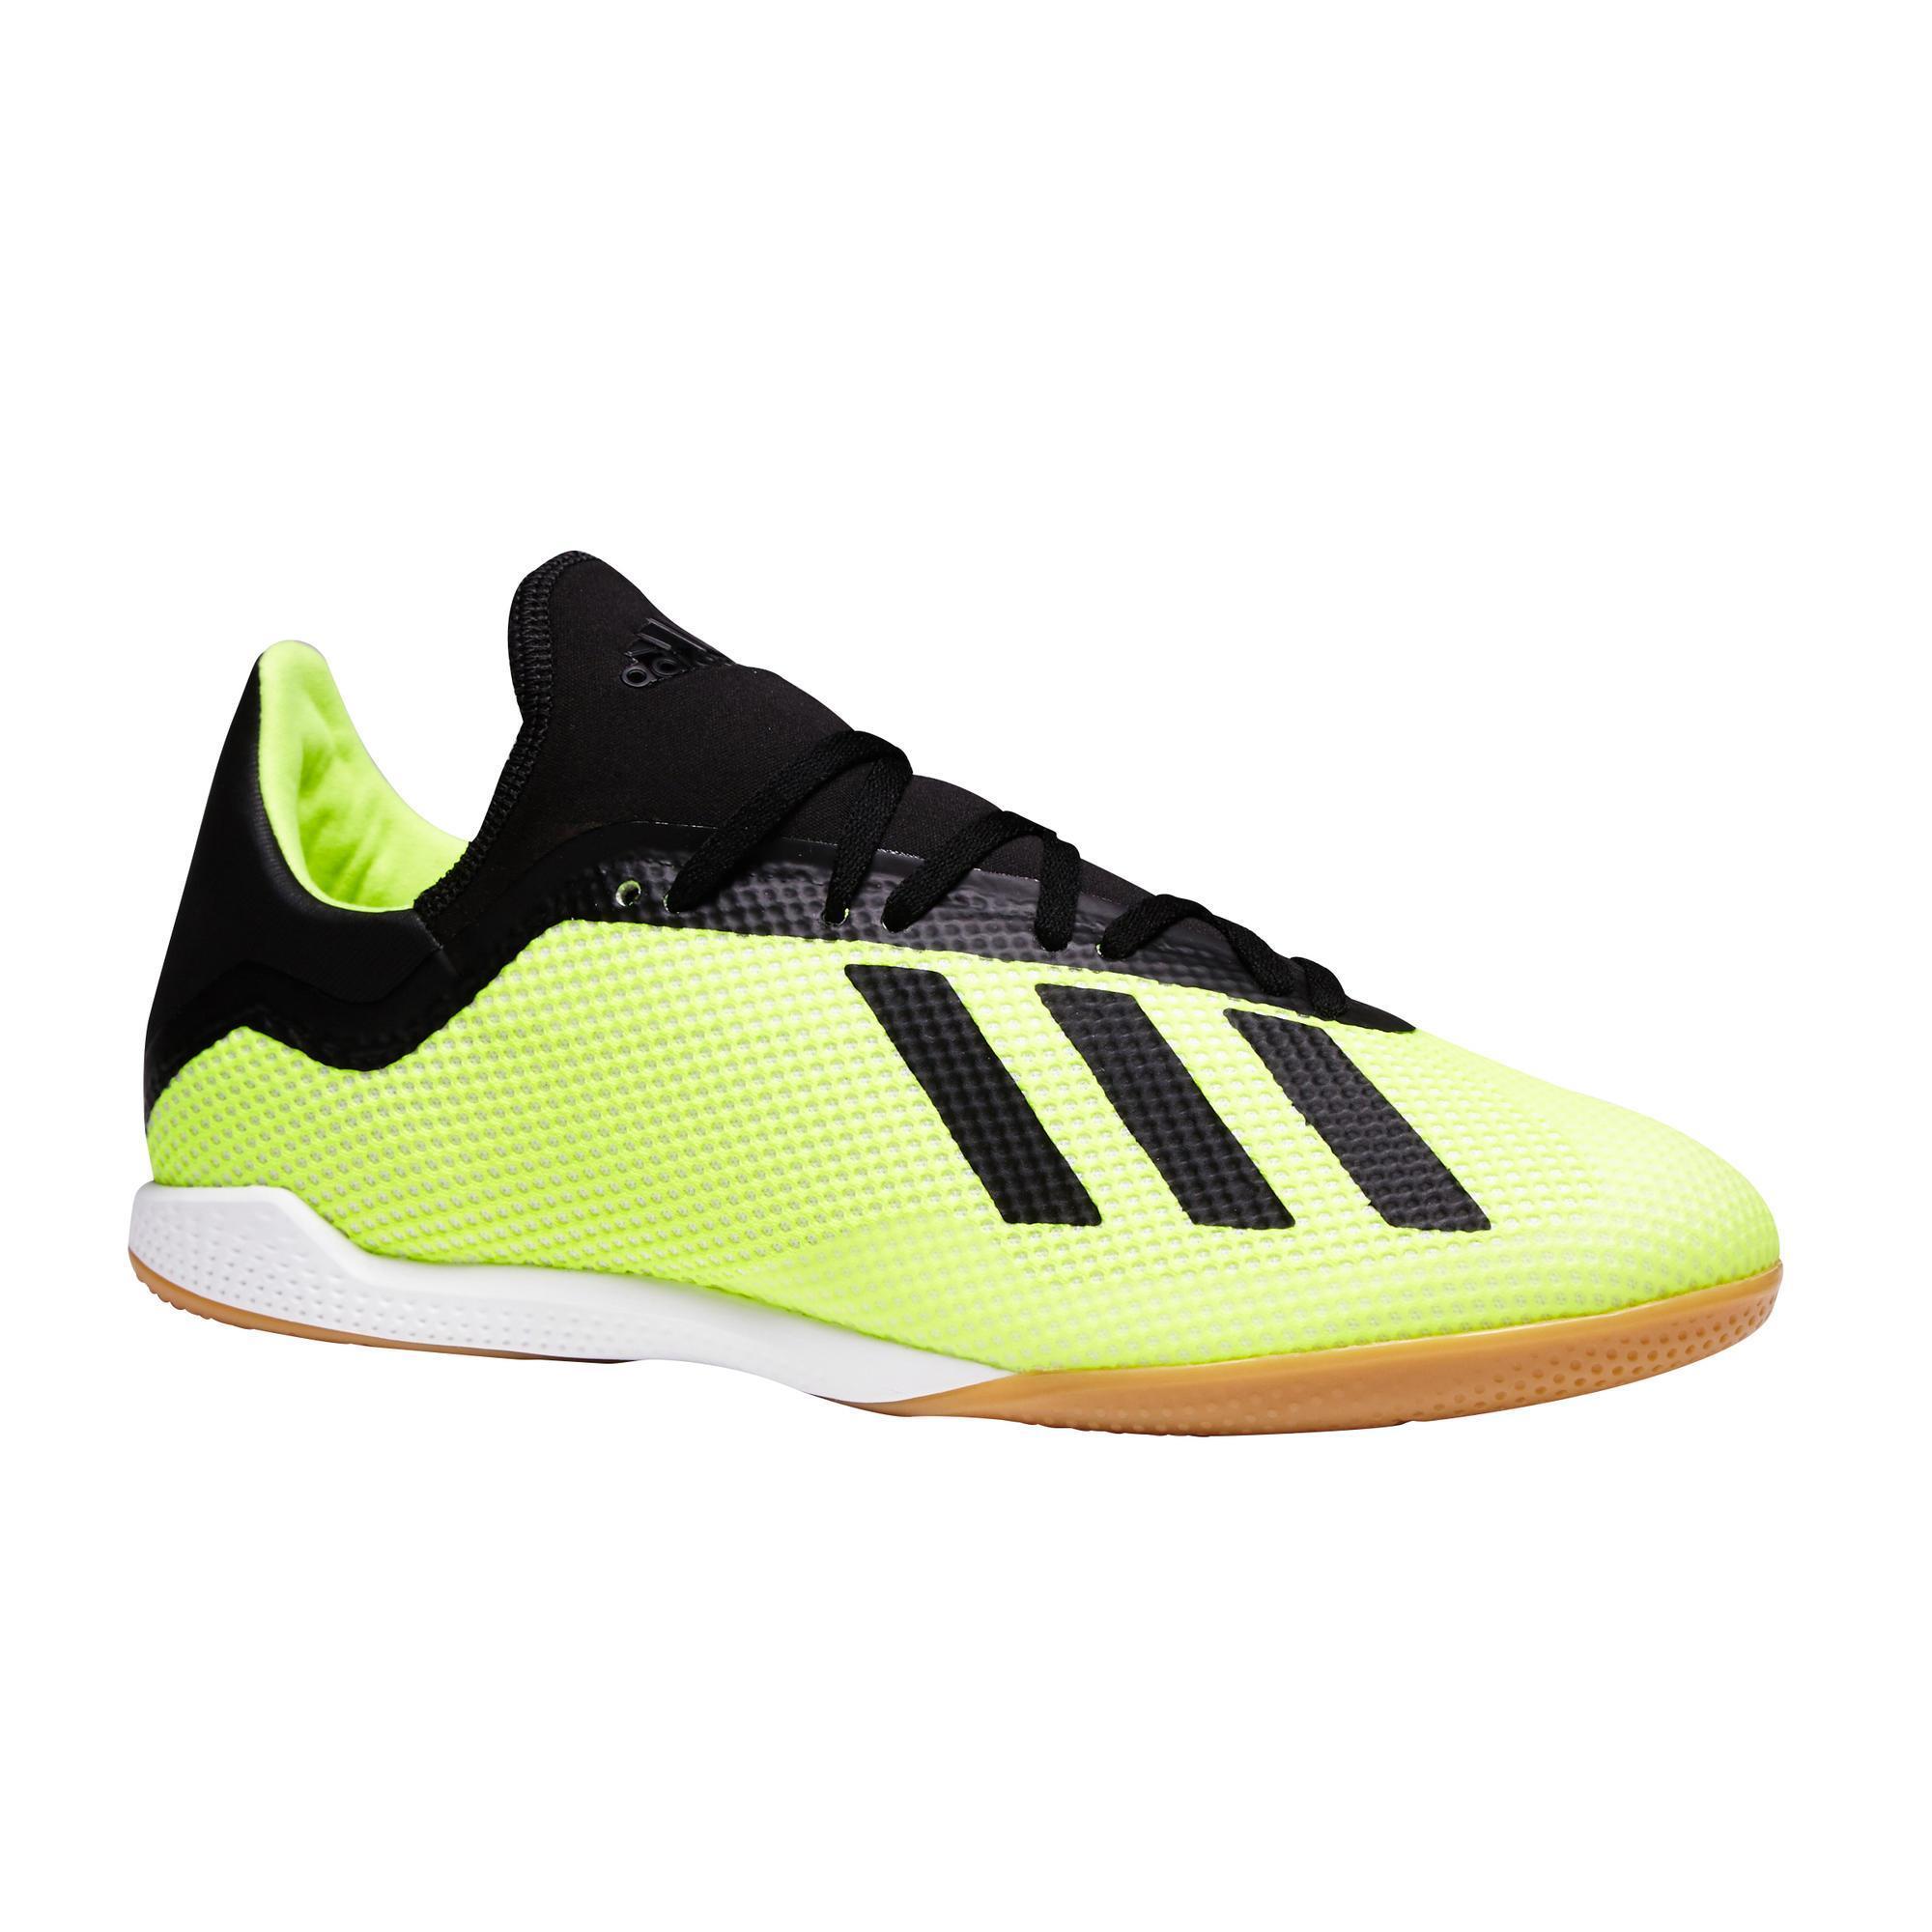 finest selection 82bcf e9206 Adidas Chaussures de Futsal X Tango 18.3 Jaune noir  Decathl